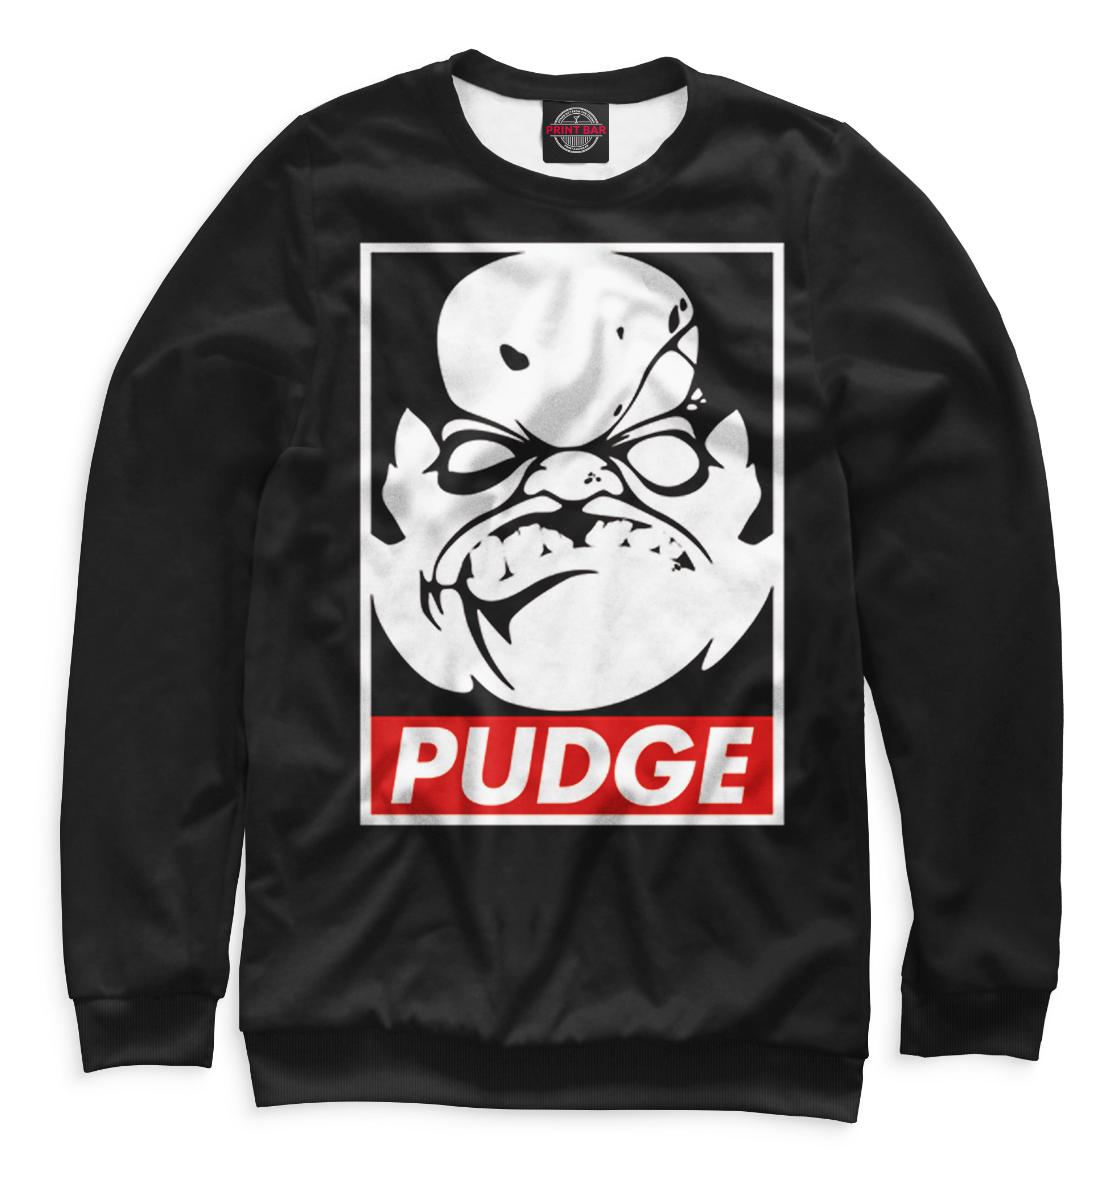 Купить Pudge, Printbar, Свитшоты, DO2-971627-swi-1